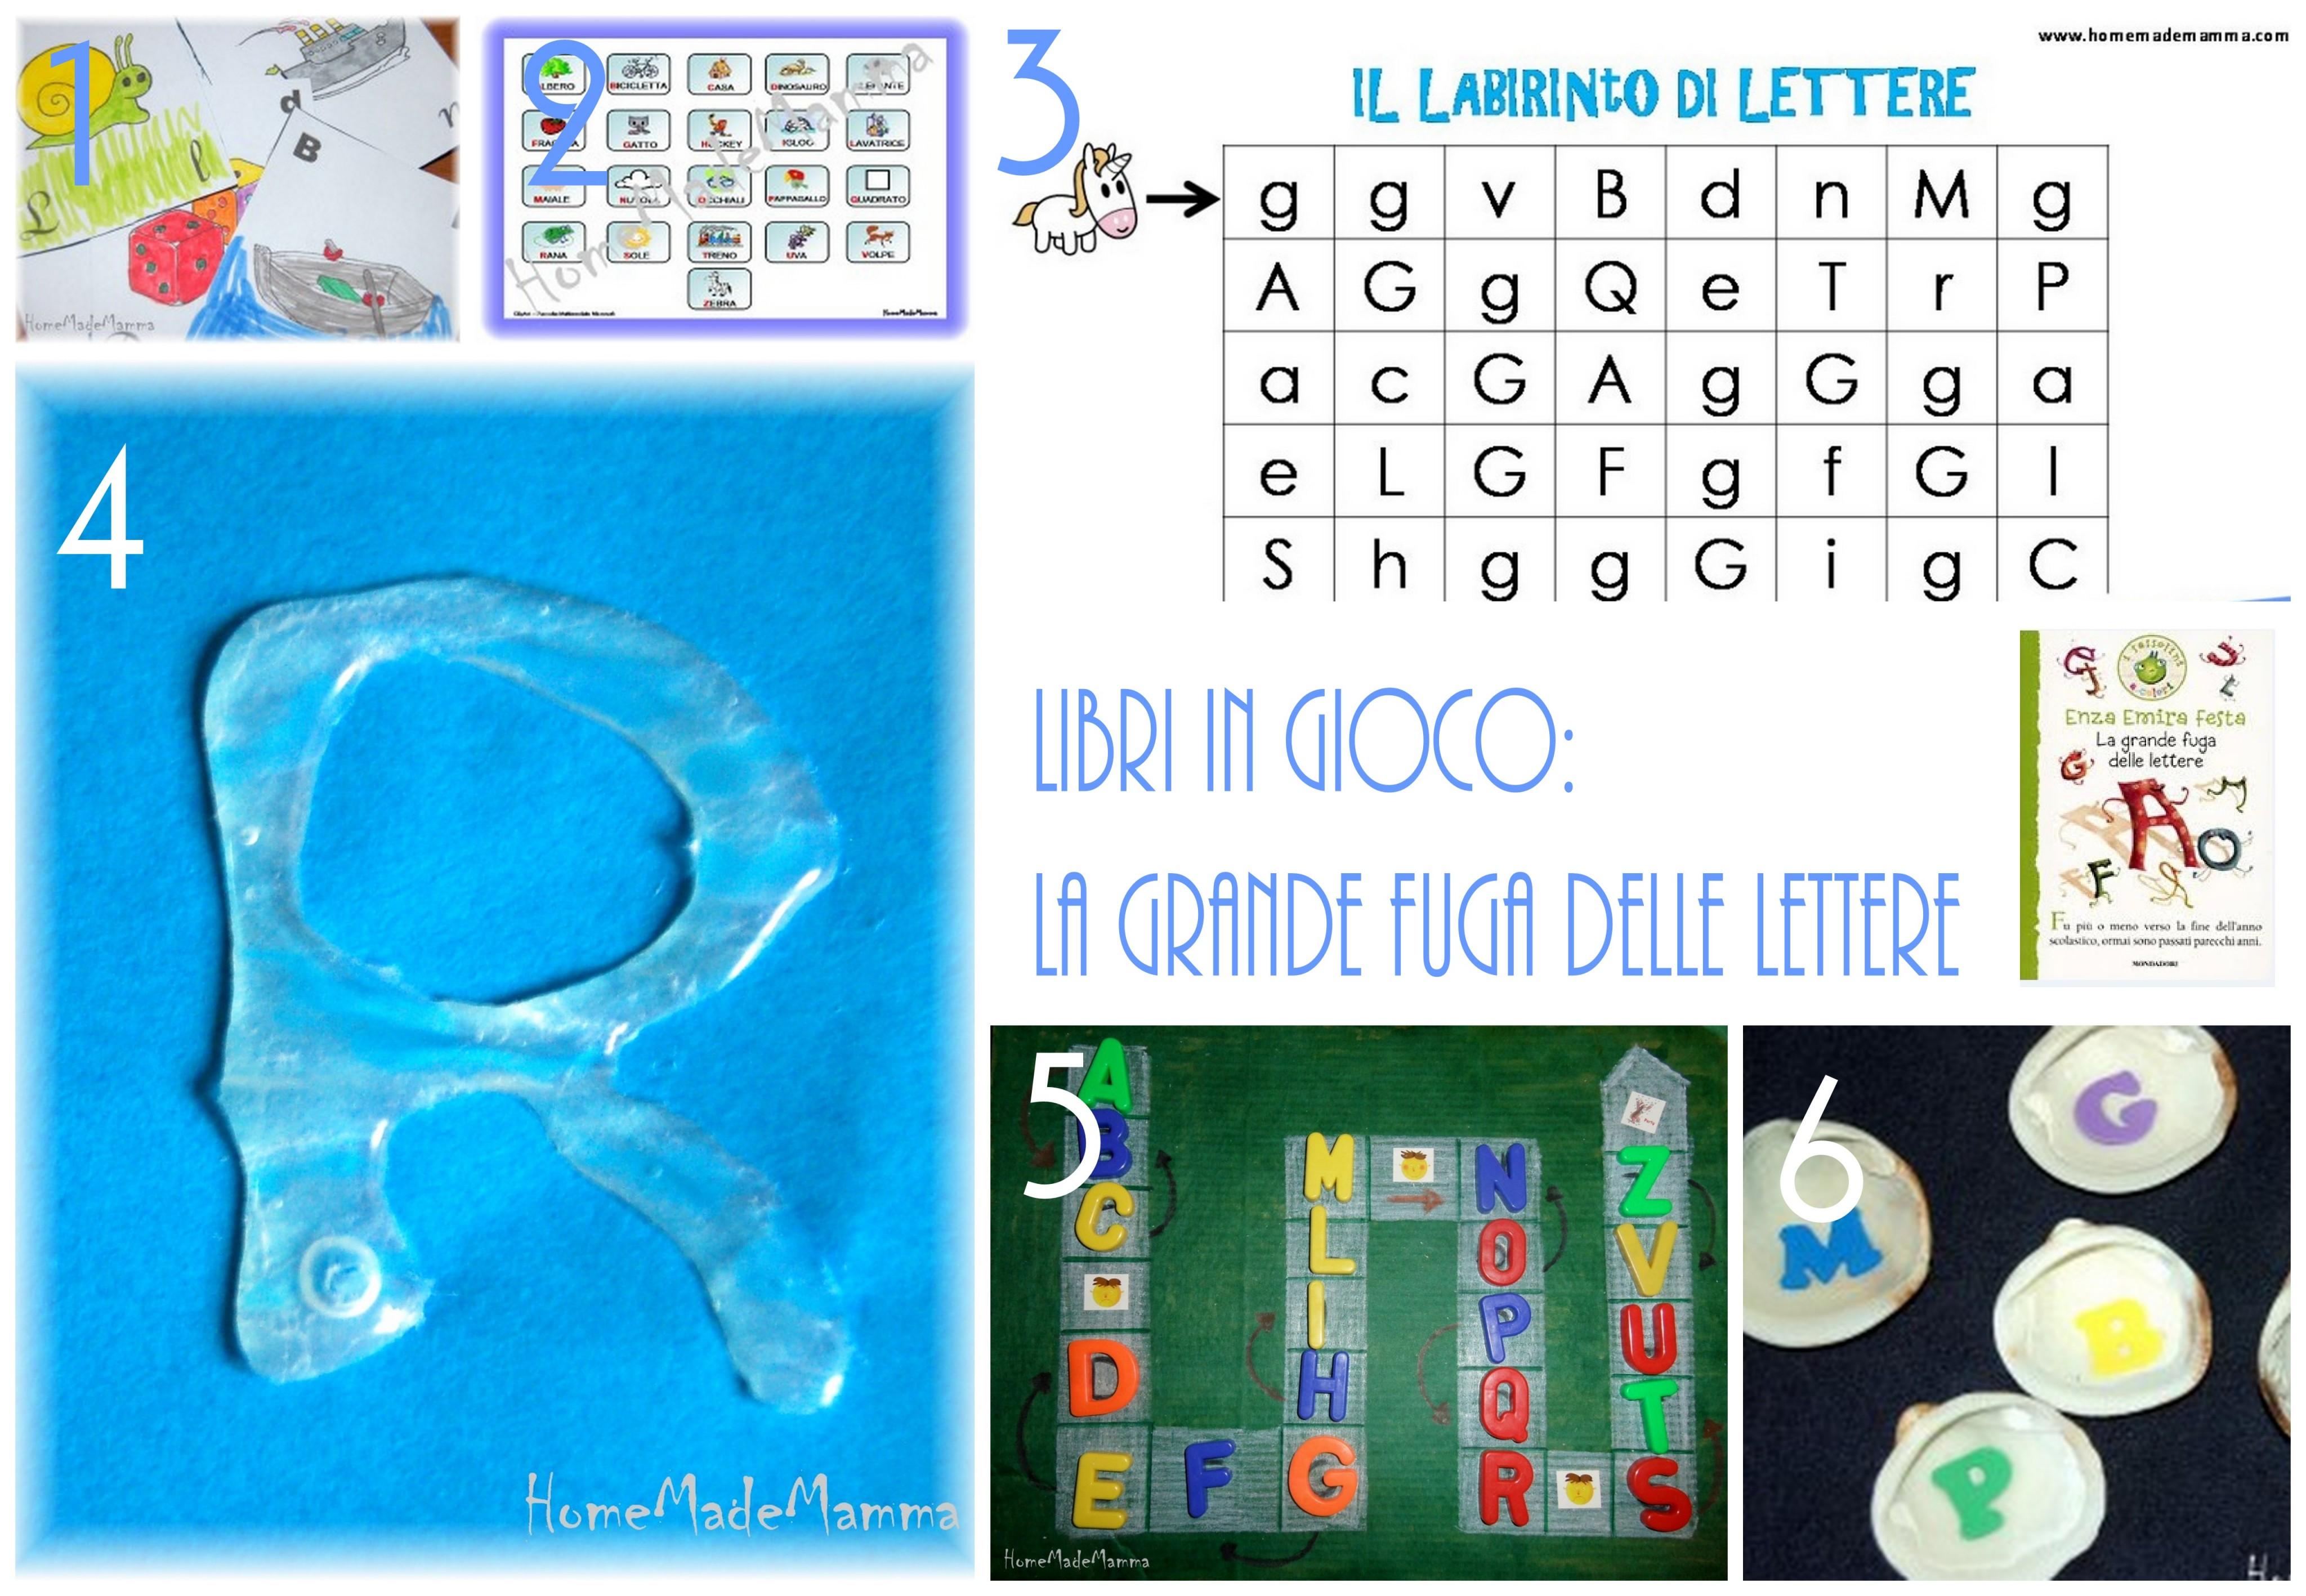 libri in gioco la grande fuga delle lettere